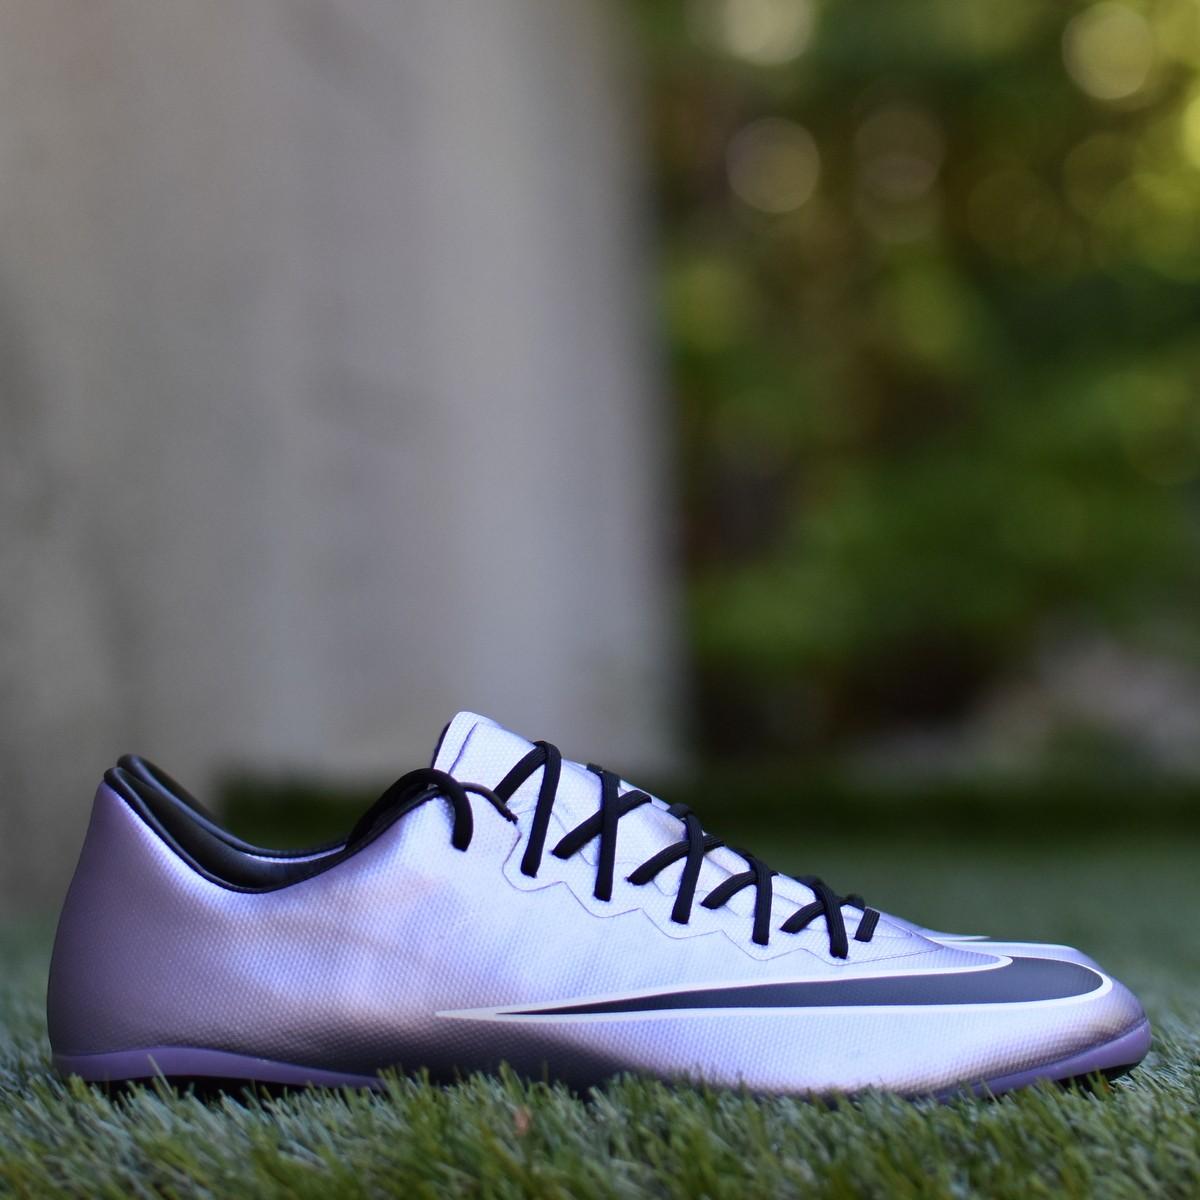 428e6c676438f Nike JR MECURIAL VAPOR X FG Dětské kopačky EU 36.5 651620-580